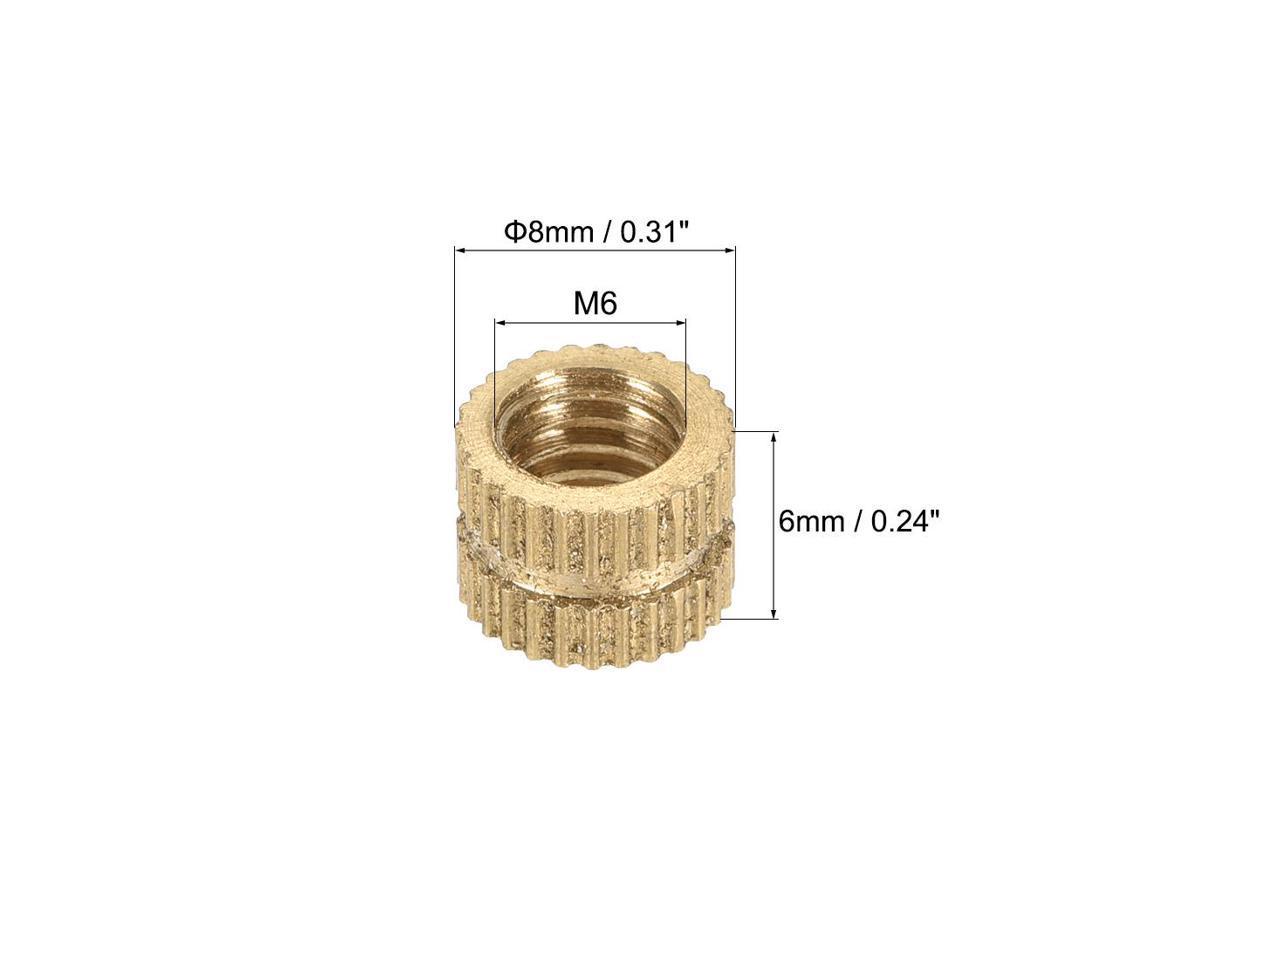 L 20 Pcs OD M6 x 6mm Brass Knurled Threaded Insert Embedment Nuts x 8mm